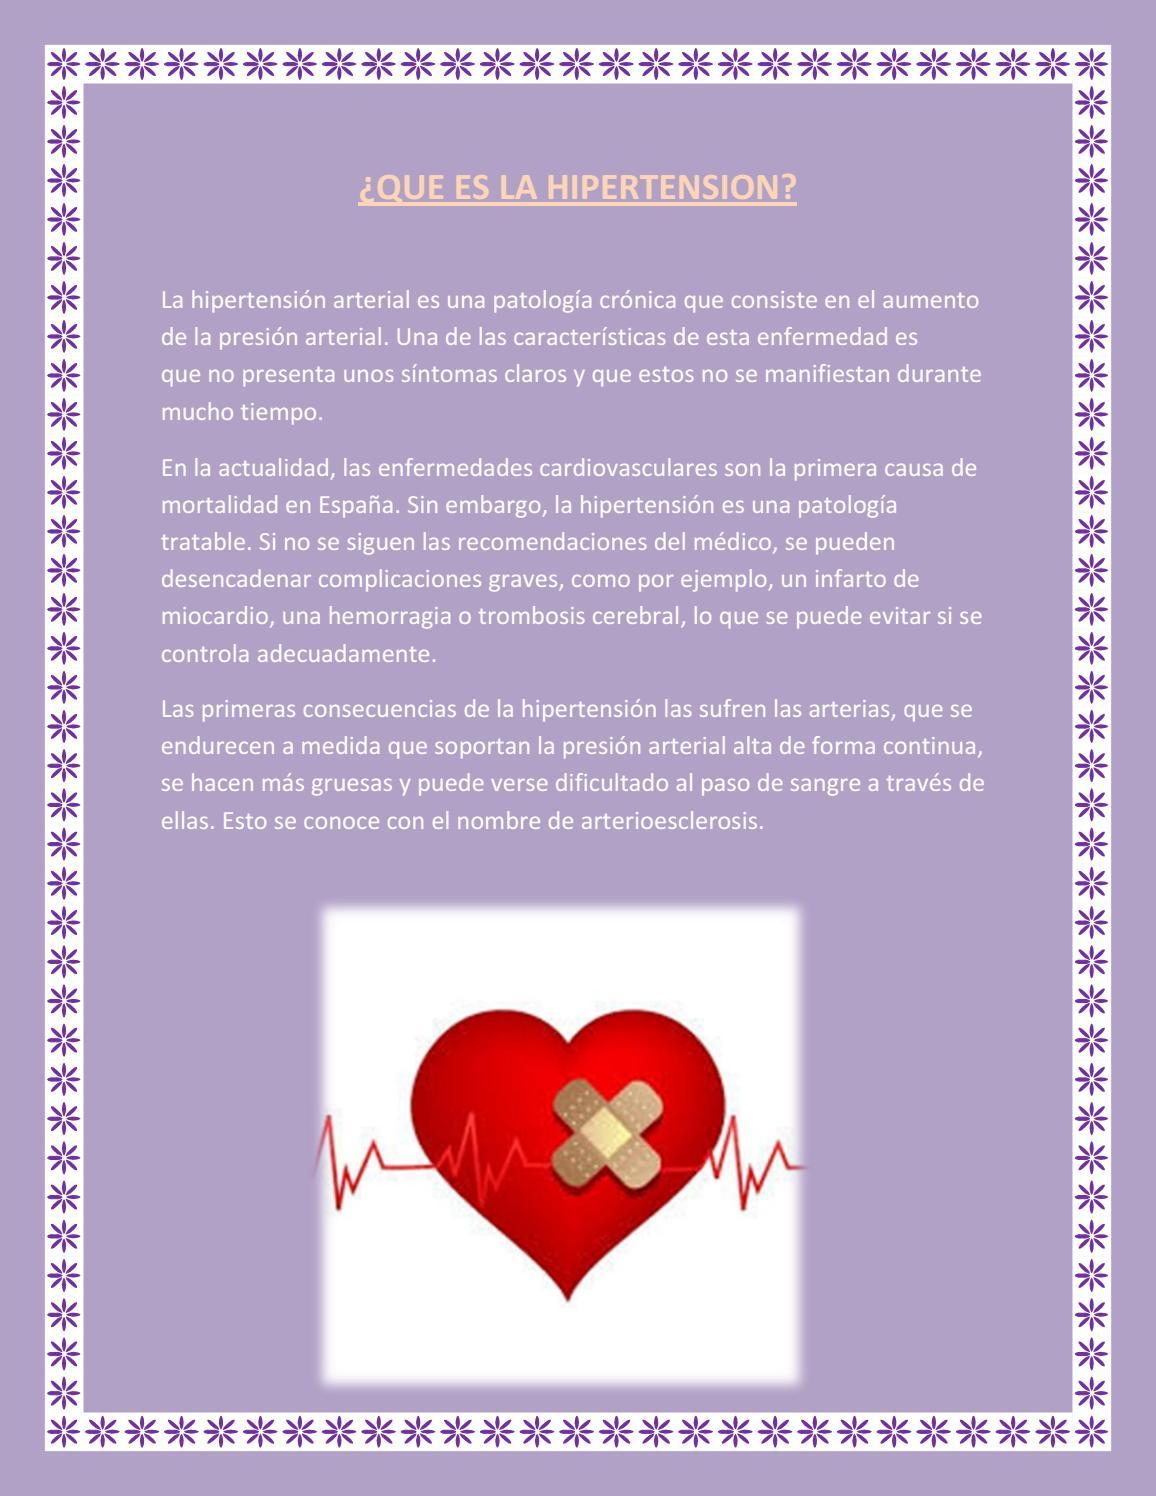 Aumento de la presión arterial sin motivo